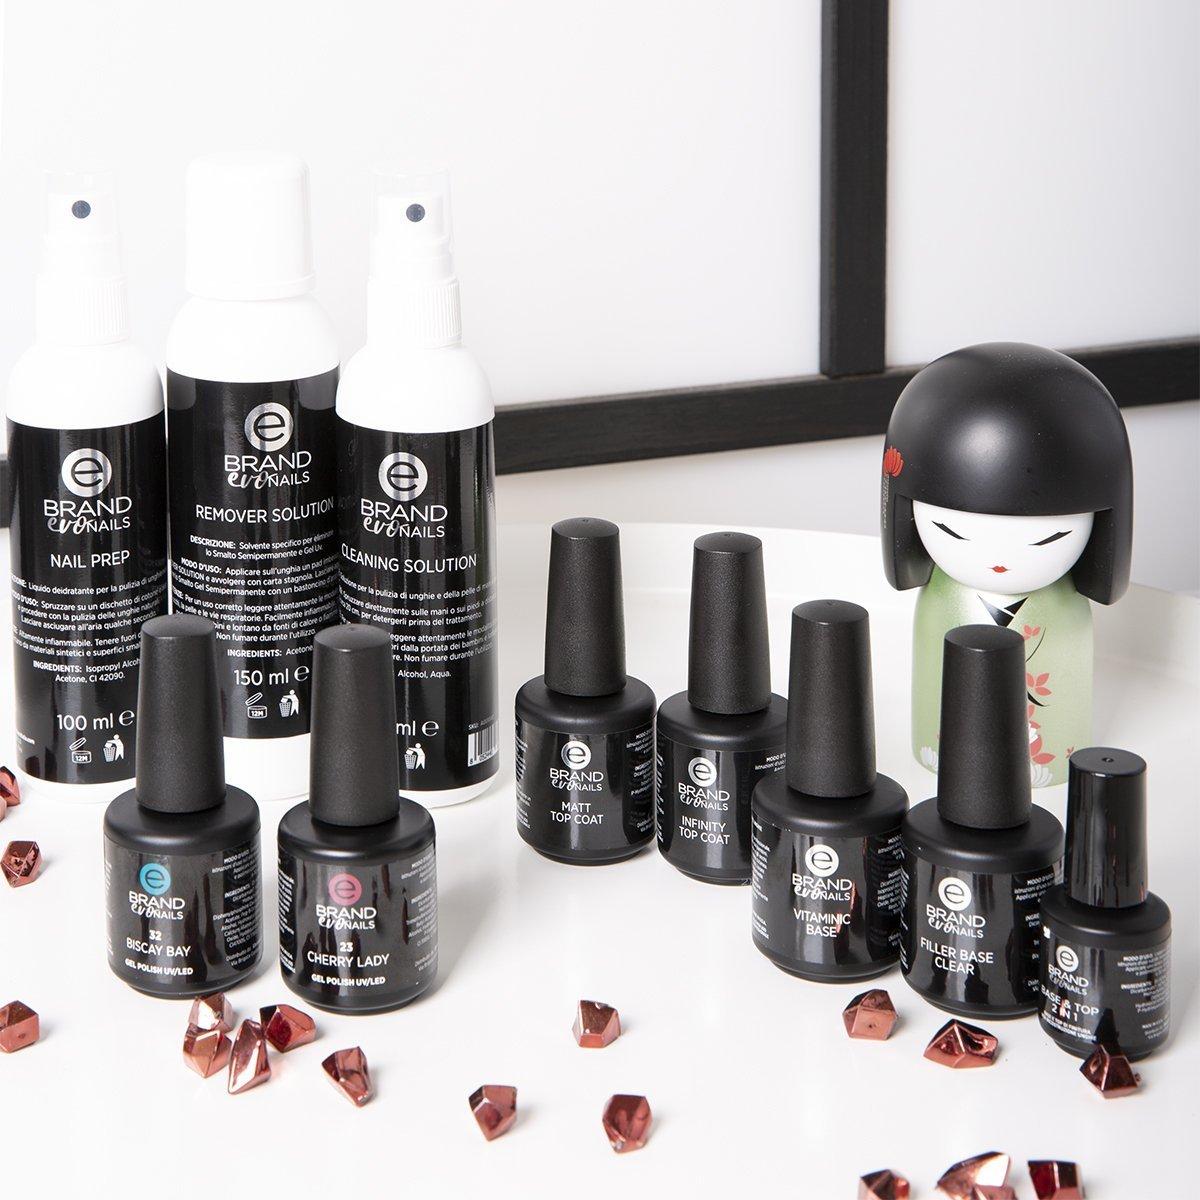 Foto dei prodotti nails di E brand